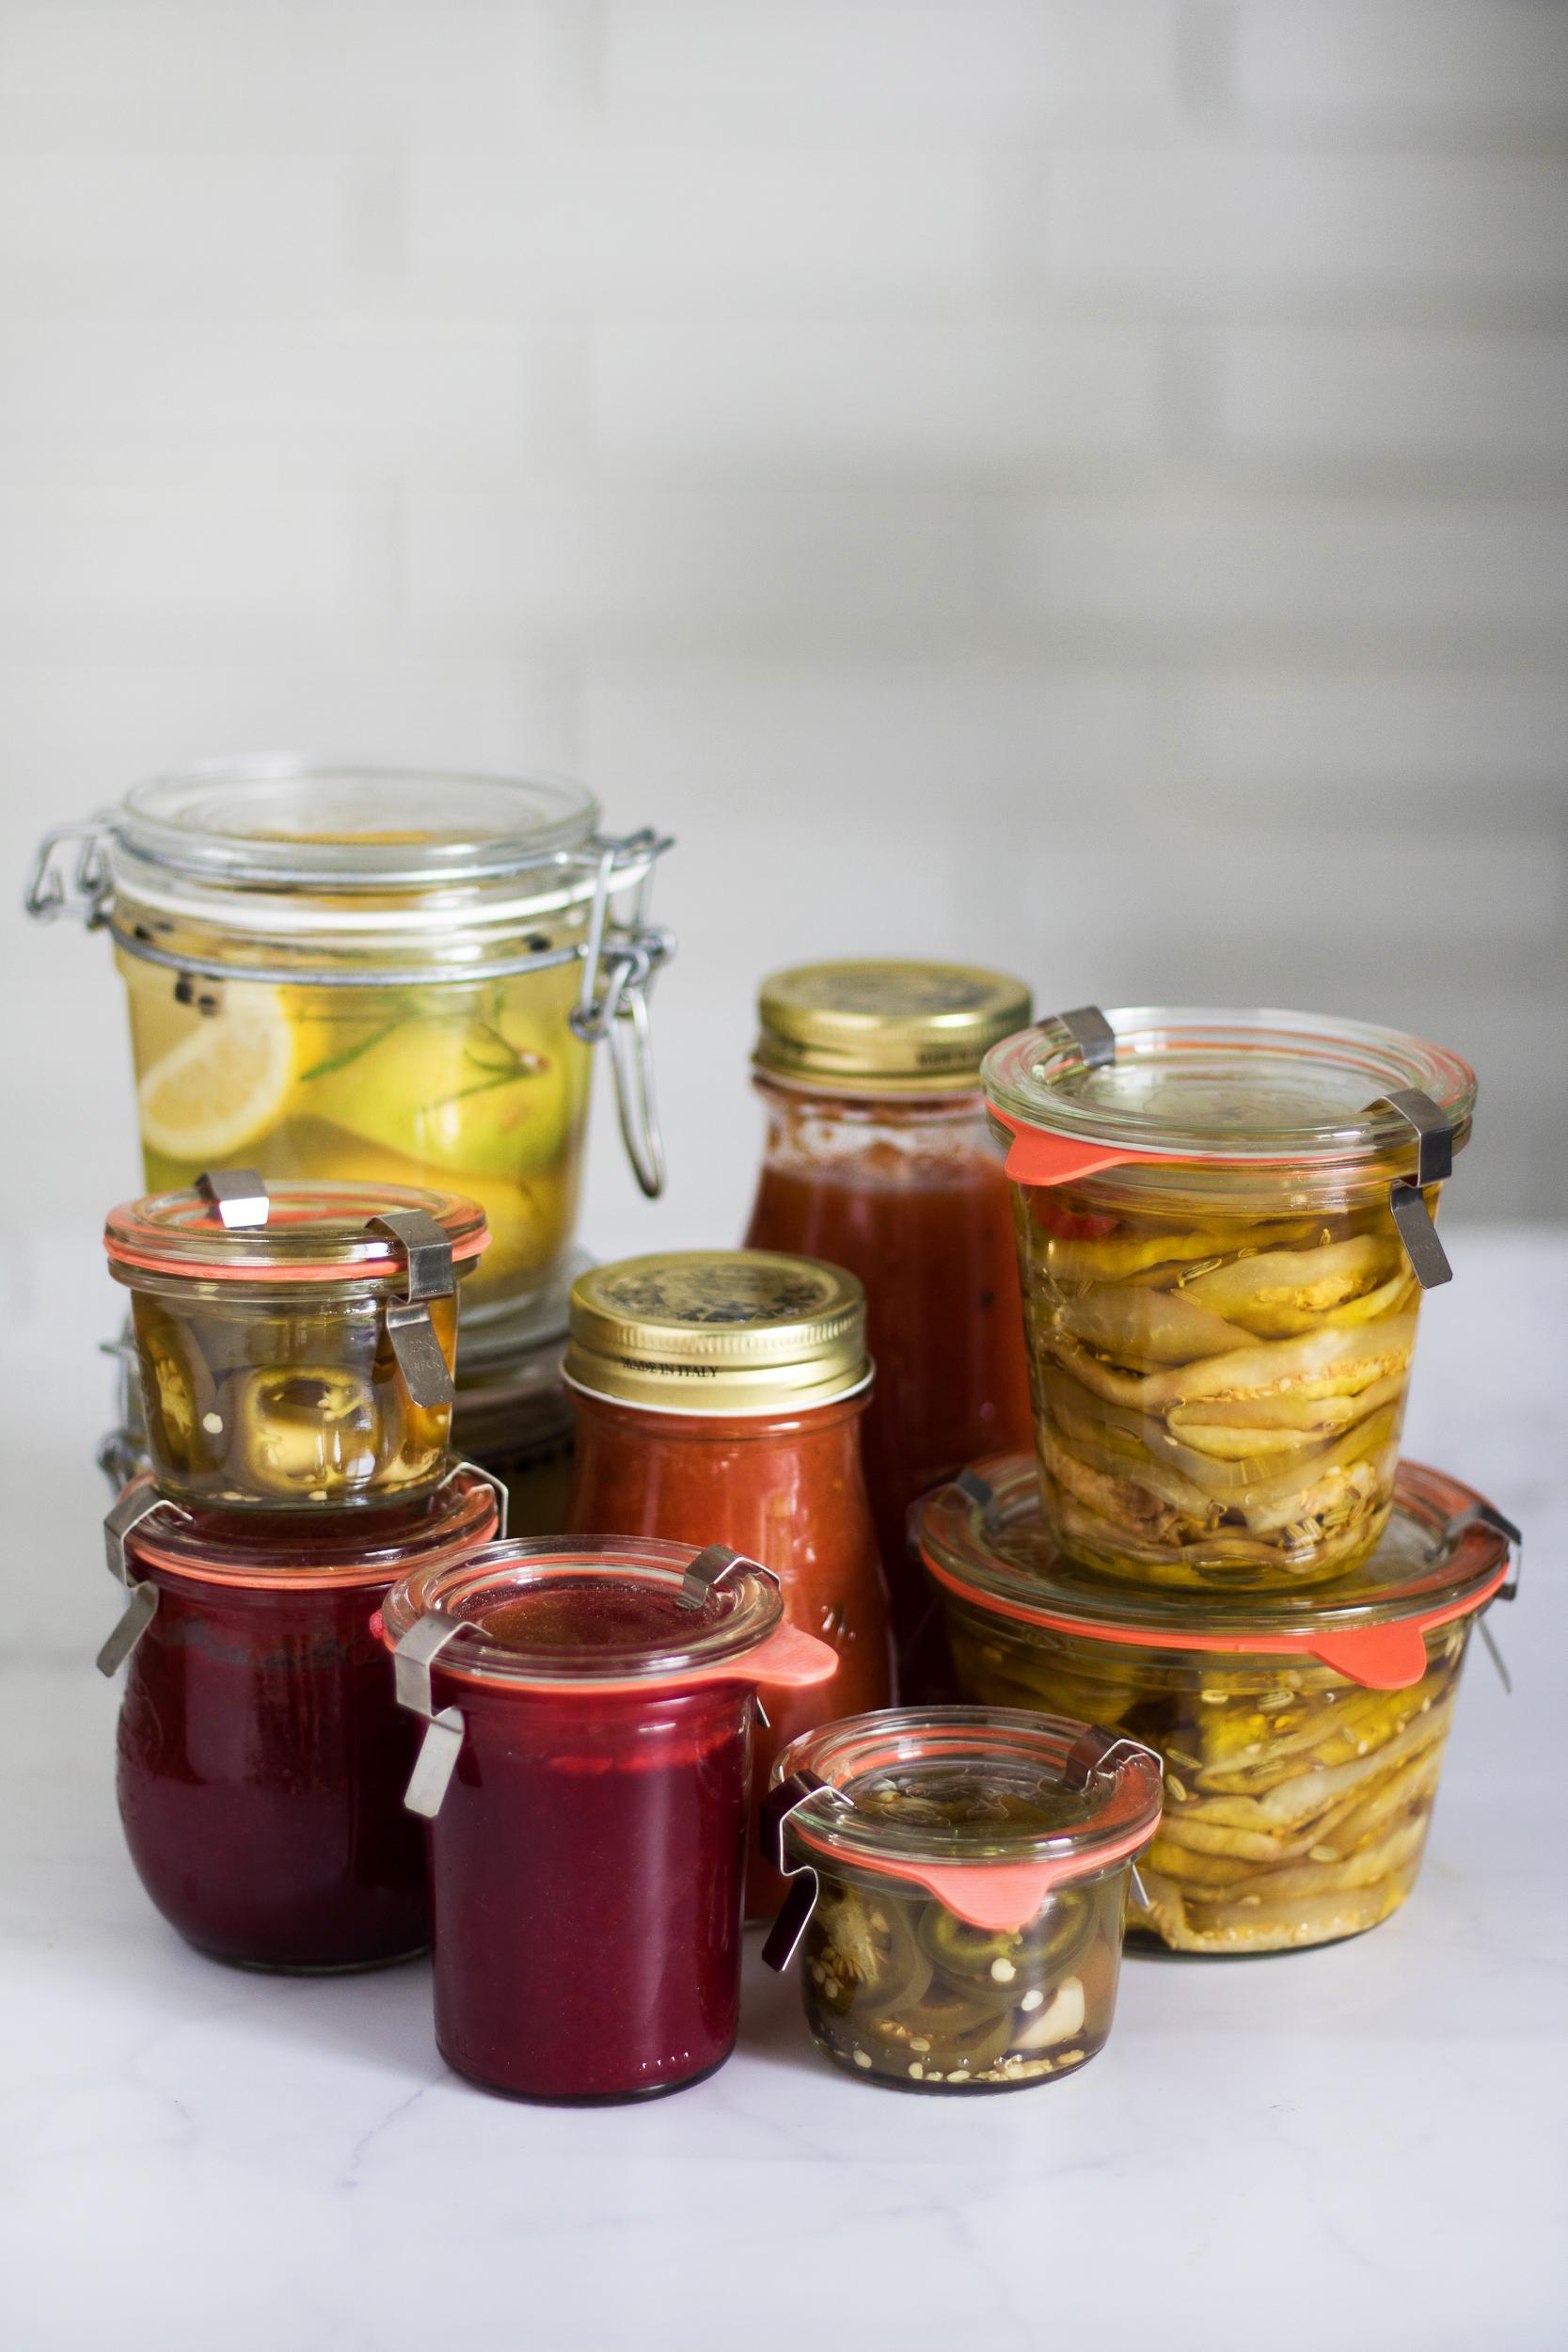 Come Sterilizzare Vasetti Per Conserve come preparare in casa conserve sicure e sane - good food lab